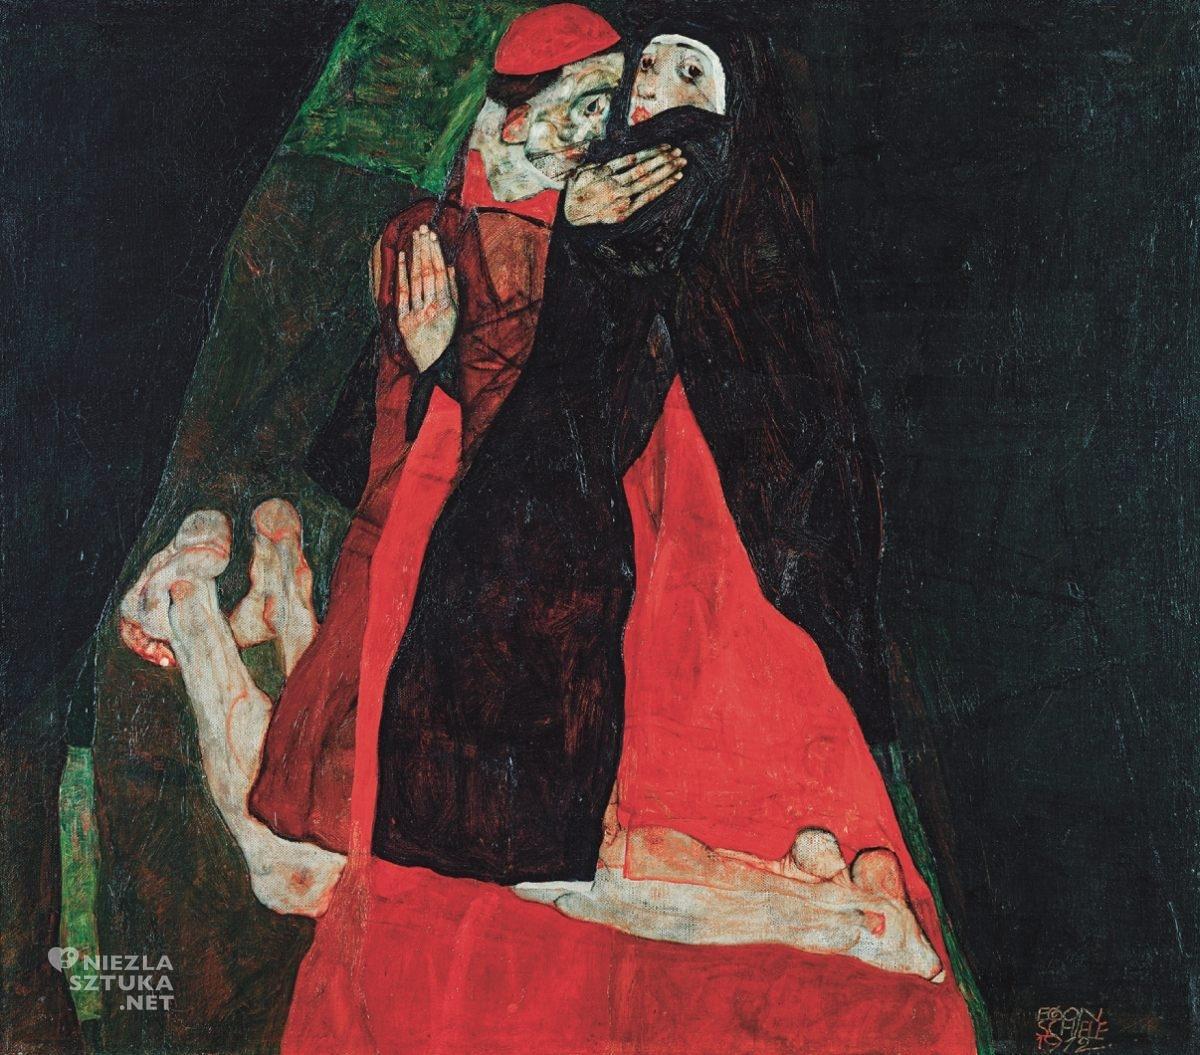 Egon Schiele, Kardynał i zakonnica, Leopold Museum, Wiedeń, Niezła sztuka